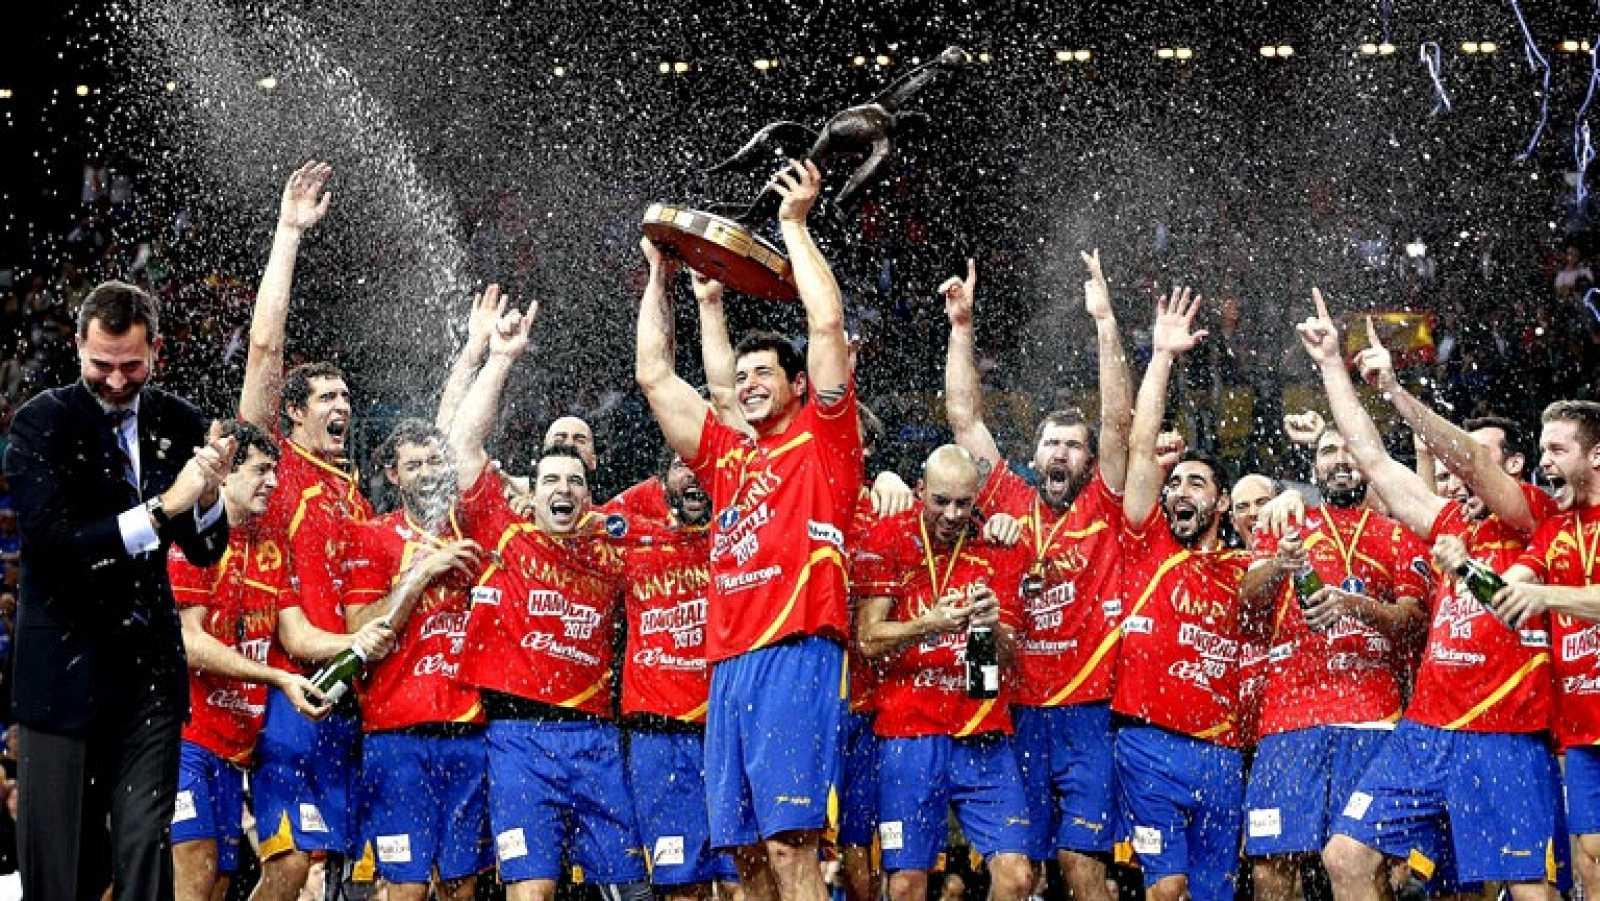 Una impresionante selección española de balonmano ha arrollado  este domingo a Dinamarca (35-19) en una gran final del Mundial  disputado en España con el Palau Sant Jordi de Barcelona como  escenario, en la que arrolló a los daneses con un gran jueg